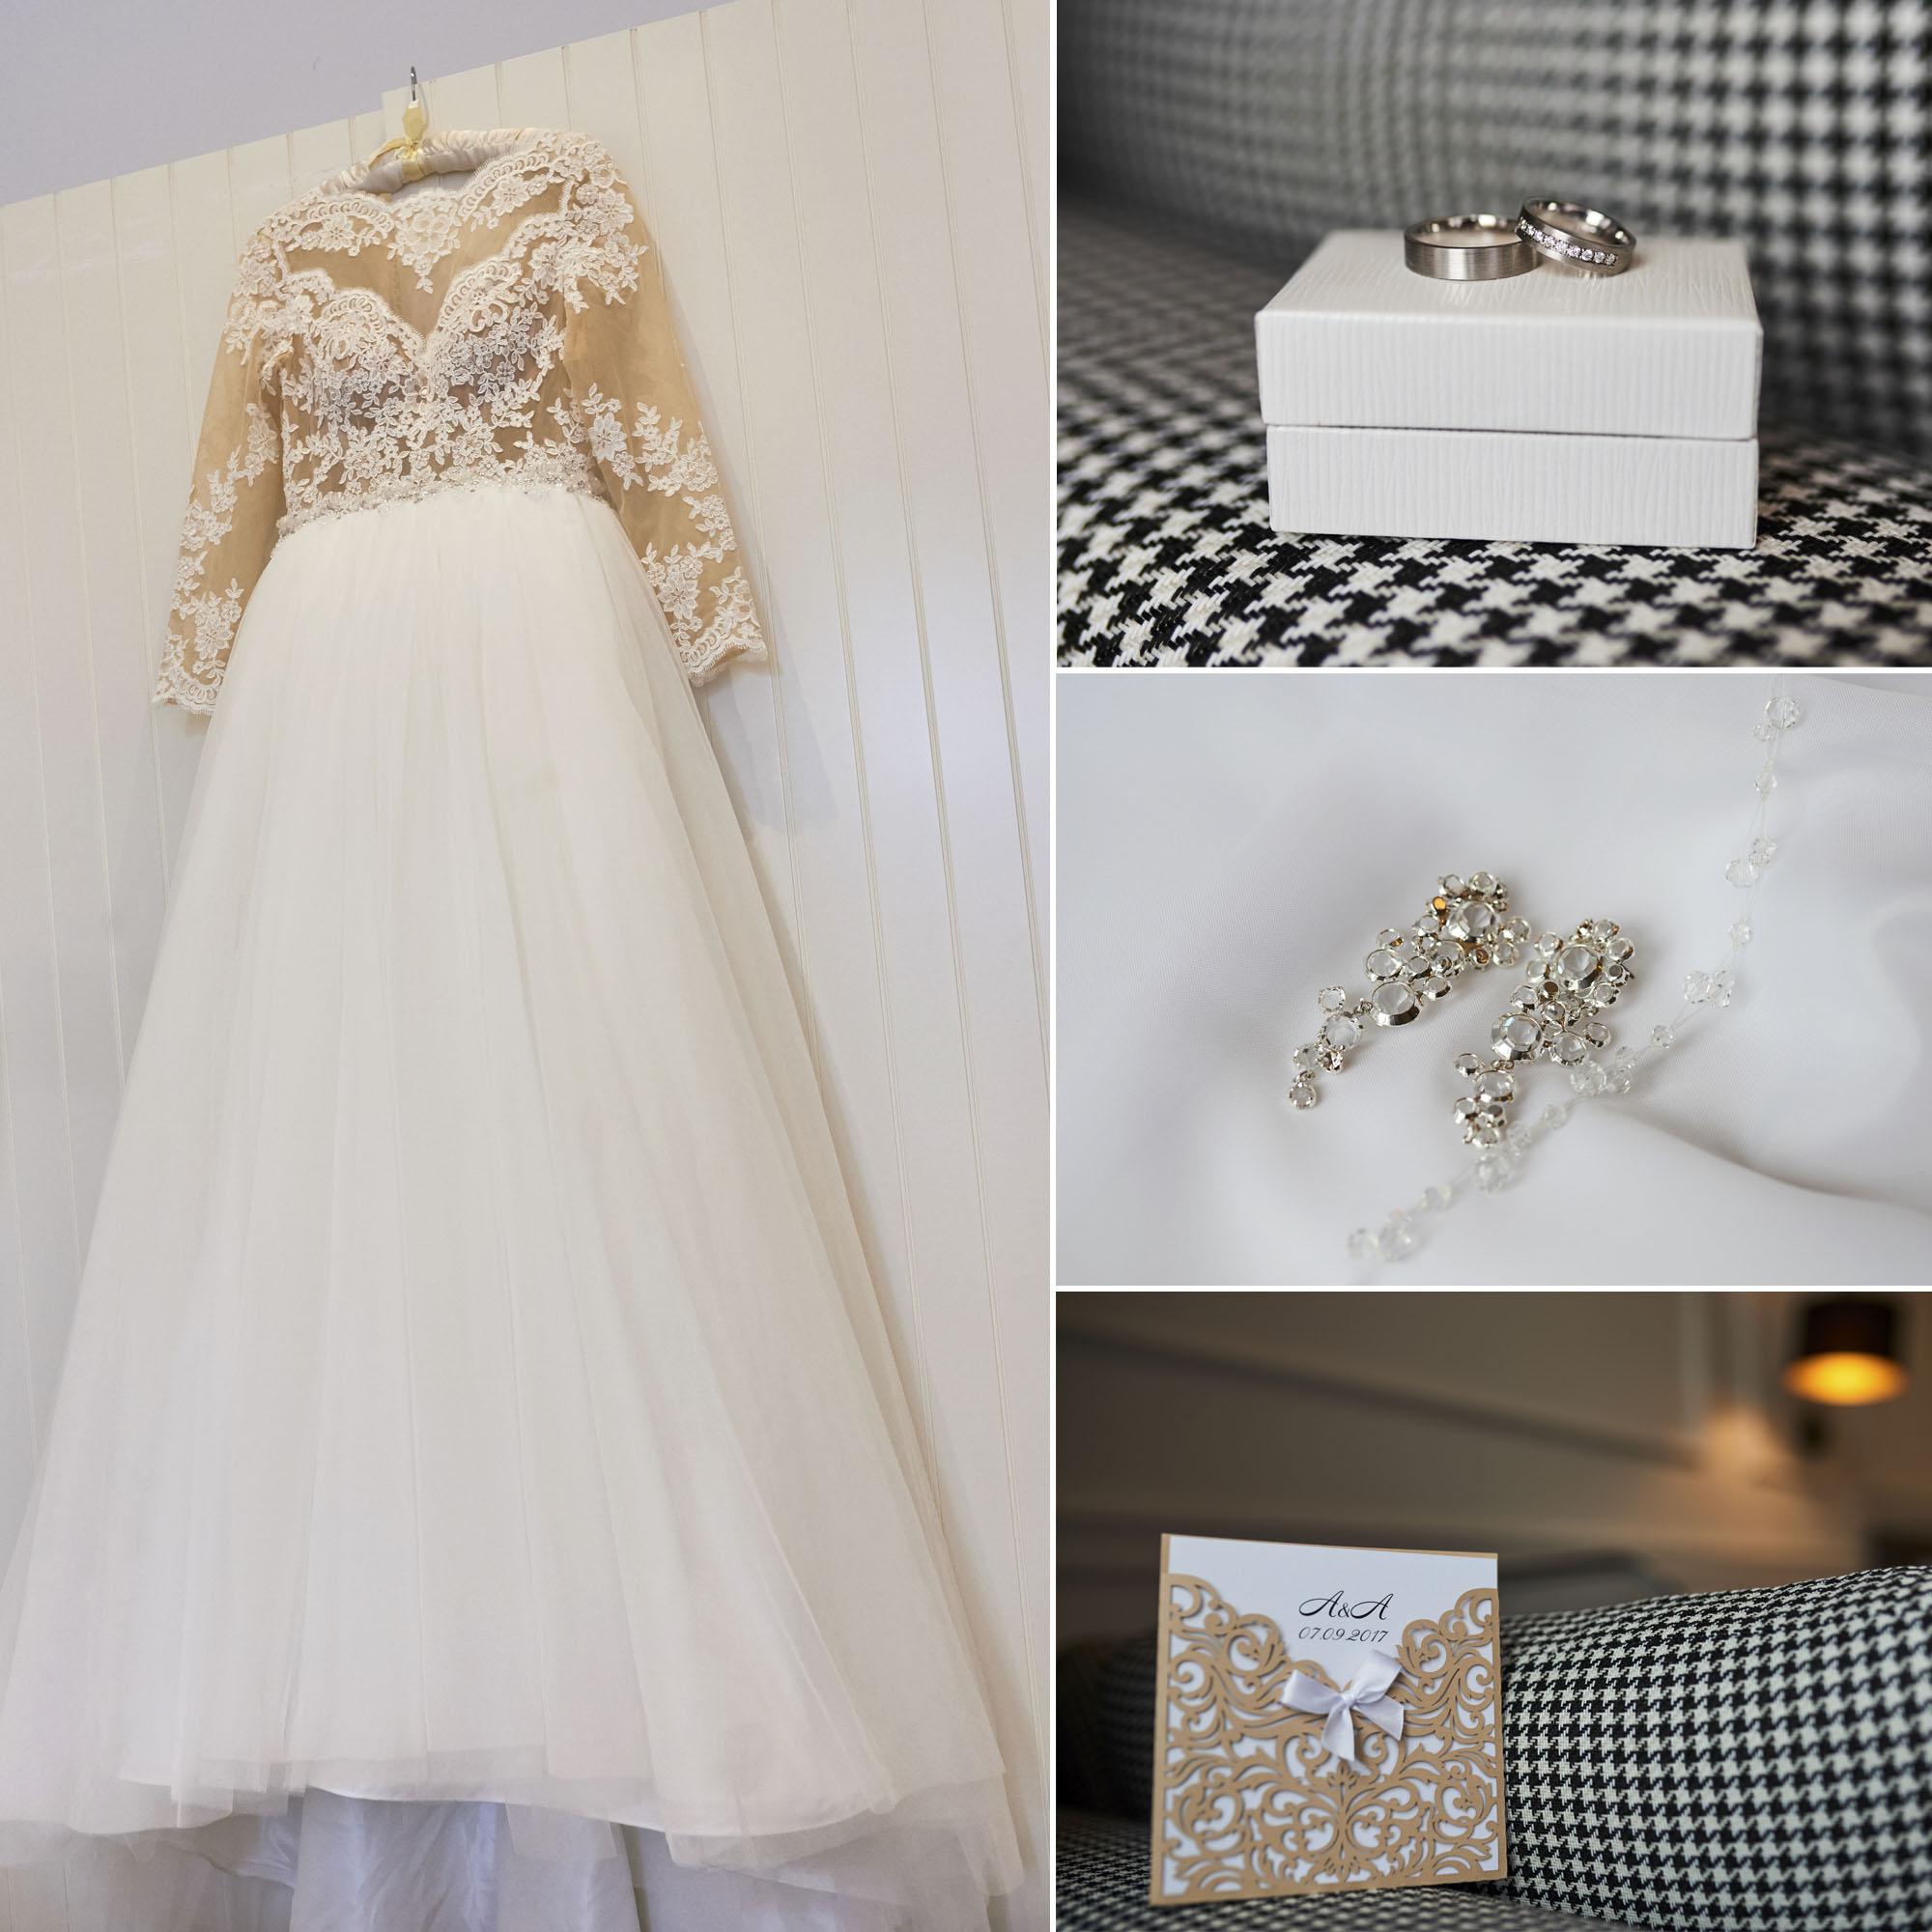 Esküvői készülődés fotózása